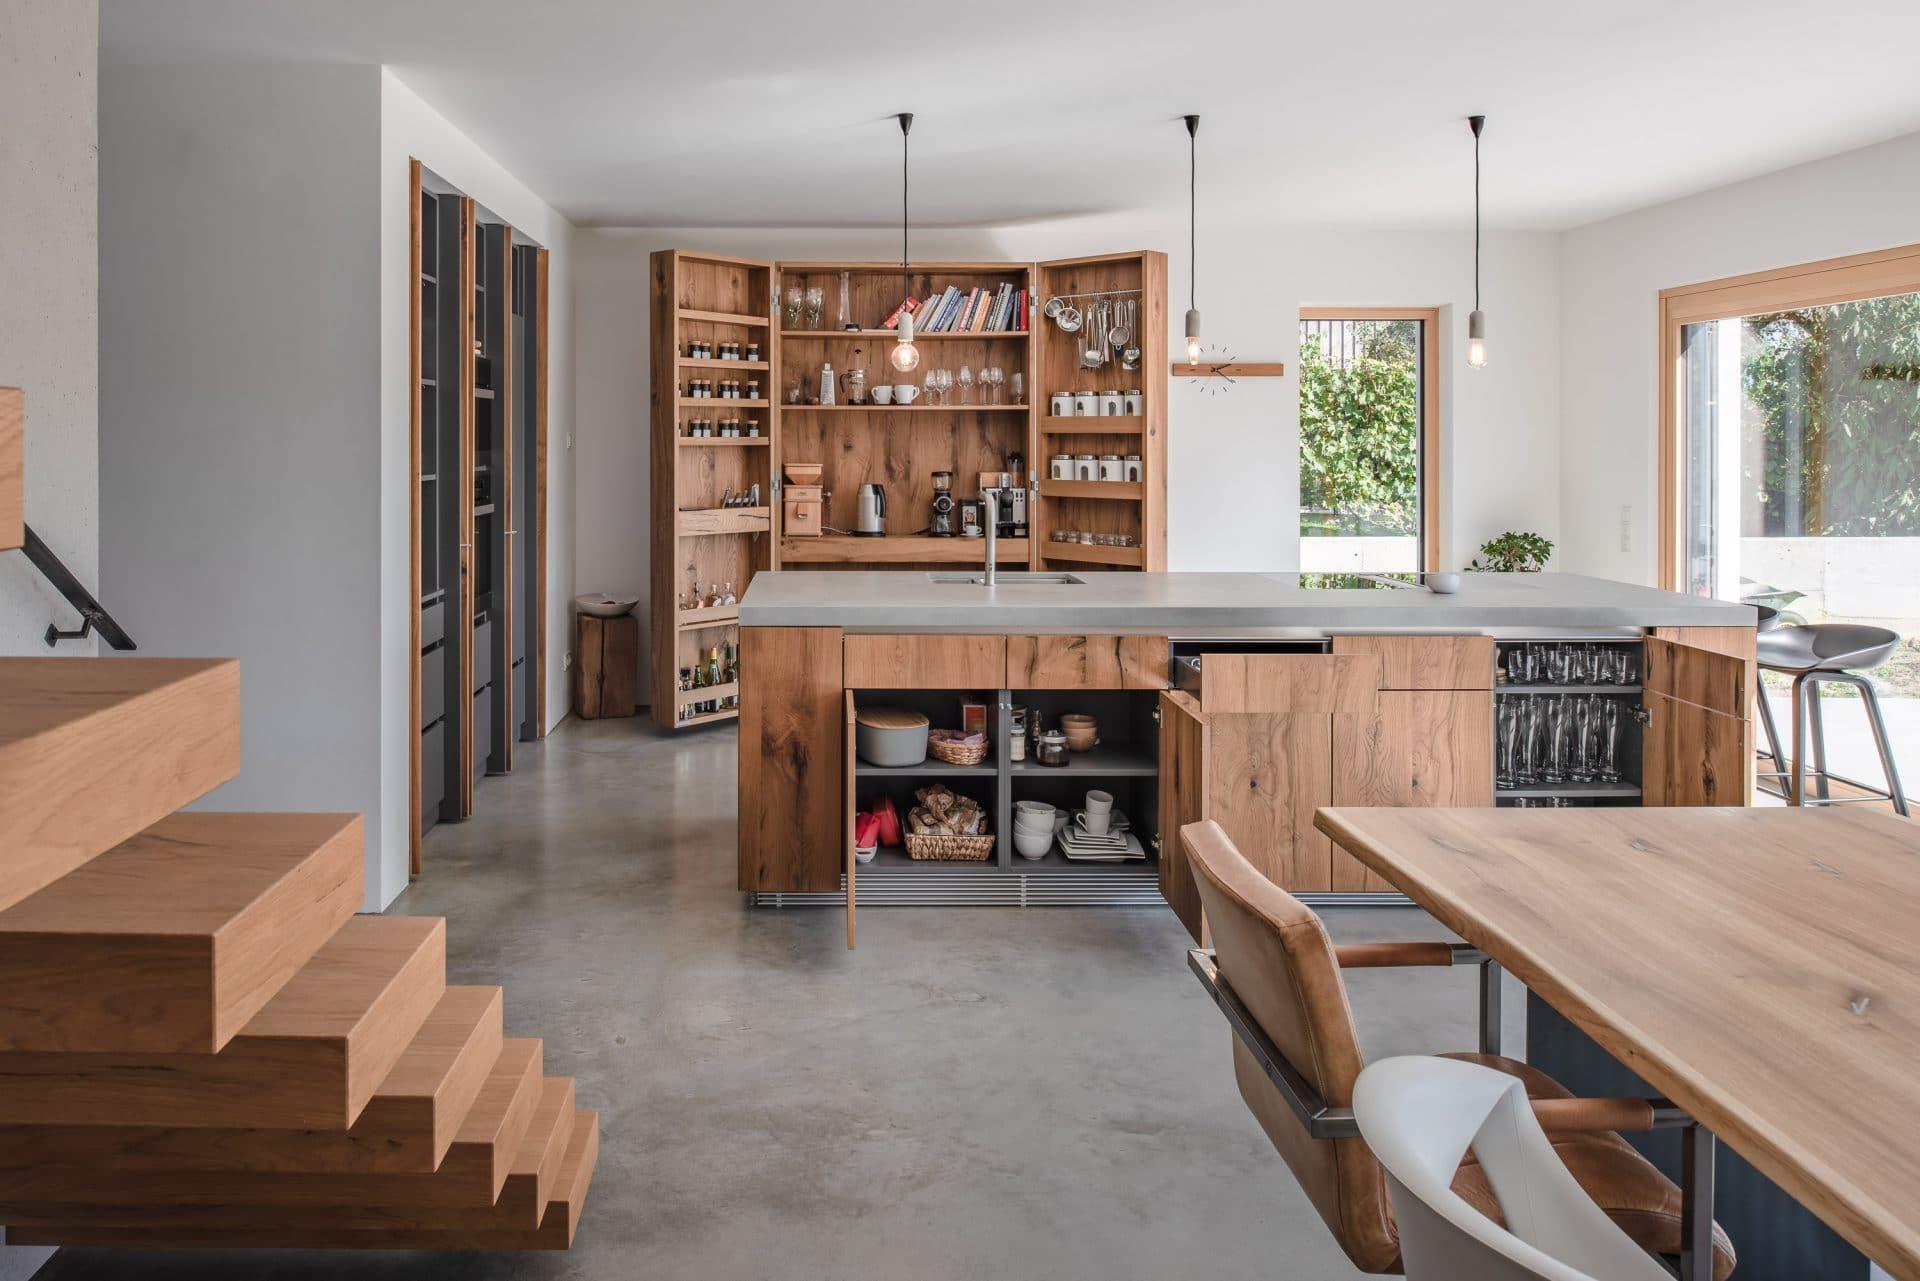 Küchendesign von VOIT aus rustikaler Eiche und Beton, im Hintergrund geöffnete Küchenschränke aus Eiche mit Gewürzen, Geschirr und weiteren Utensilien aus der Küche